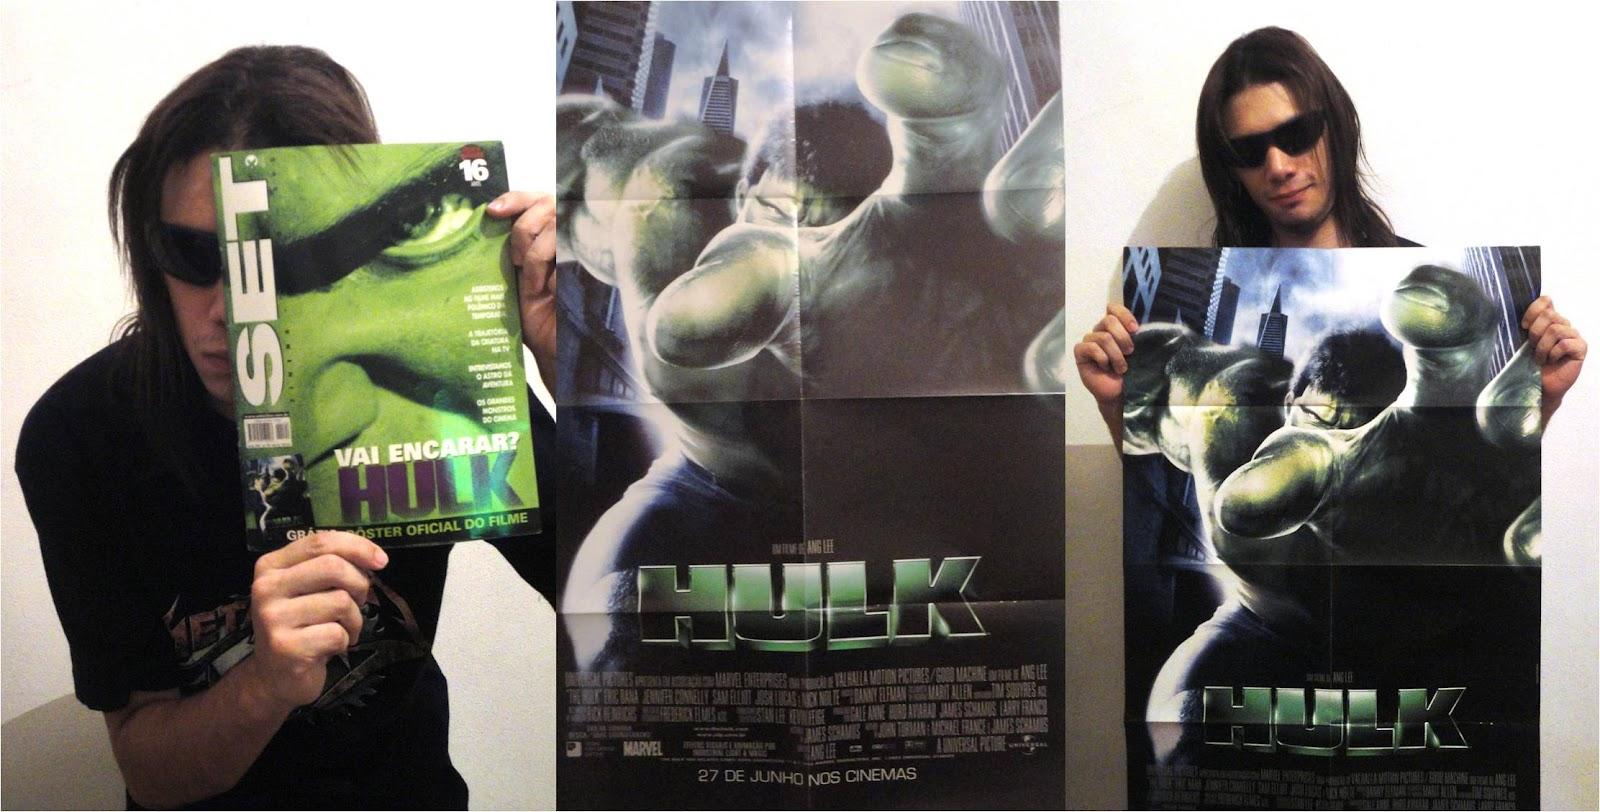 http://1.bp.blogspot.com/-sJYxs7E7RZ4/T5mLKmzabQI/AAAAAAAAAWo/QNXL7Qb4X9I/s1600/Poster+Hulk.jpg